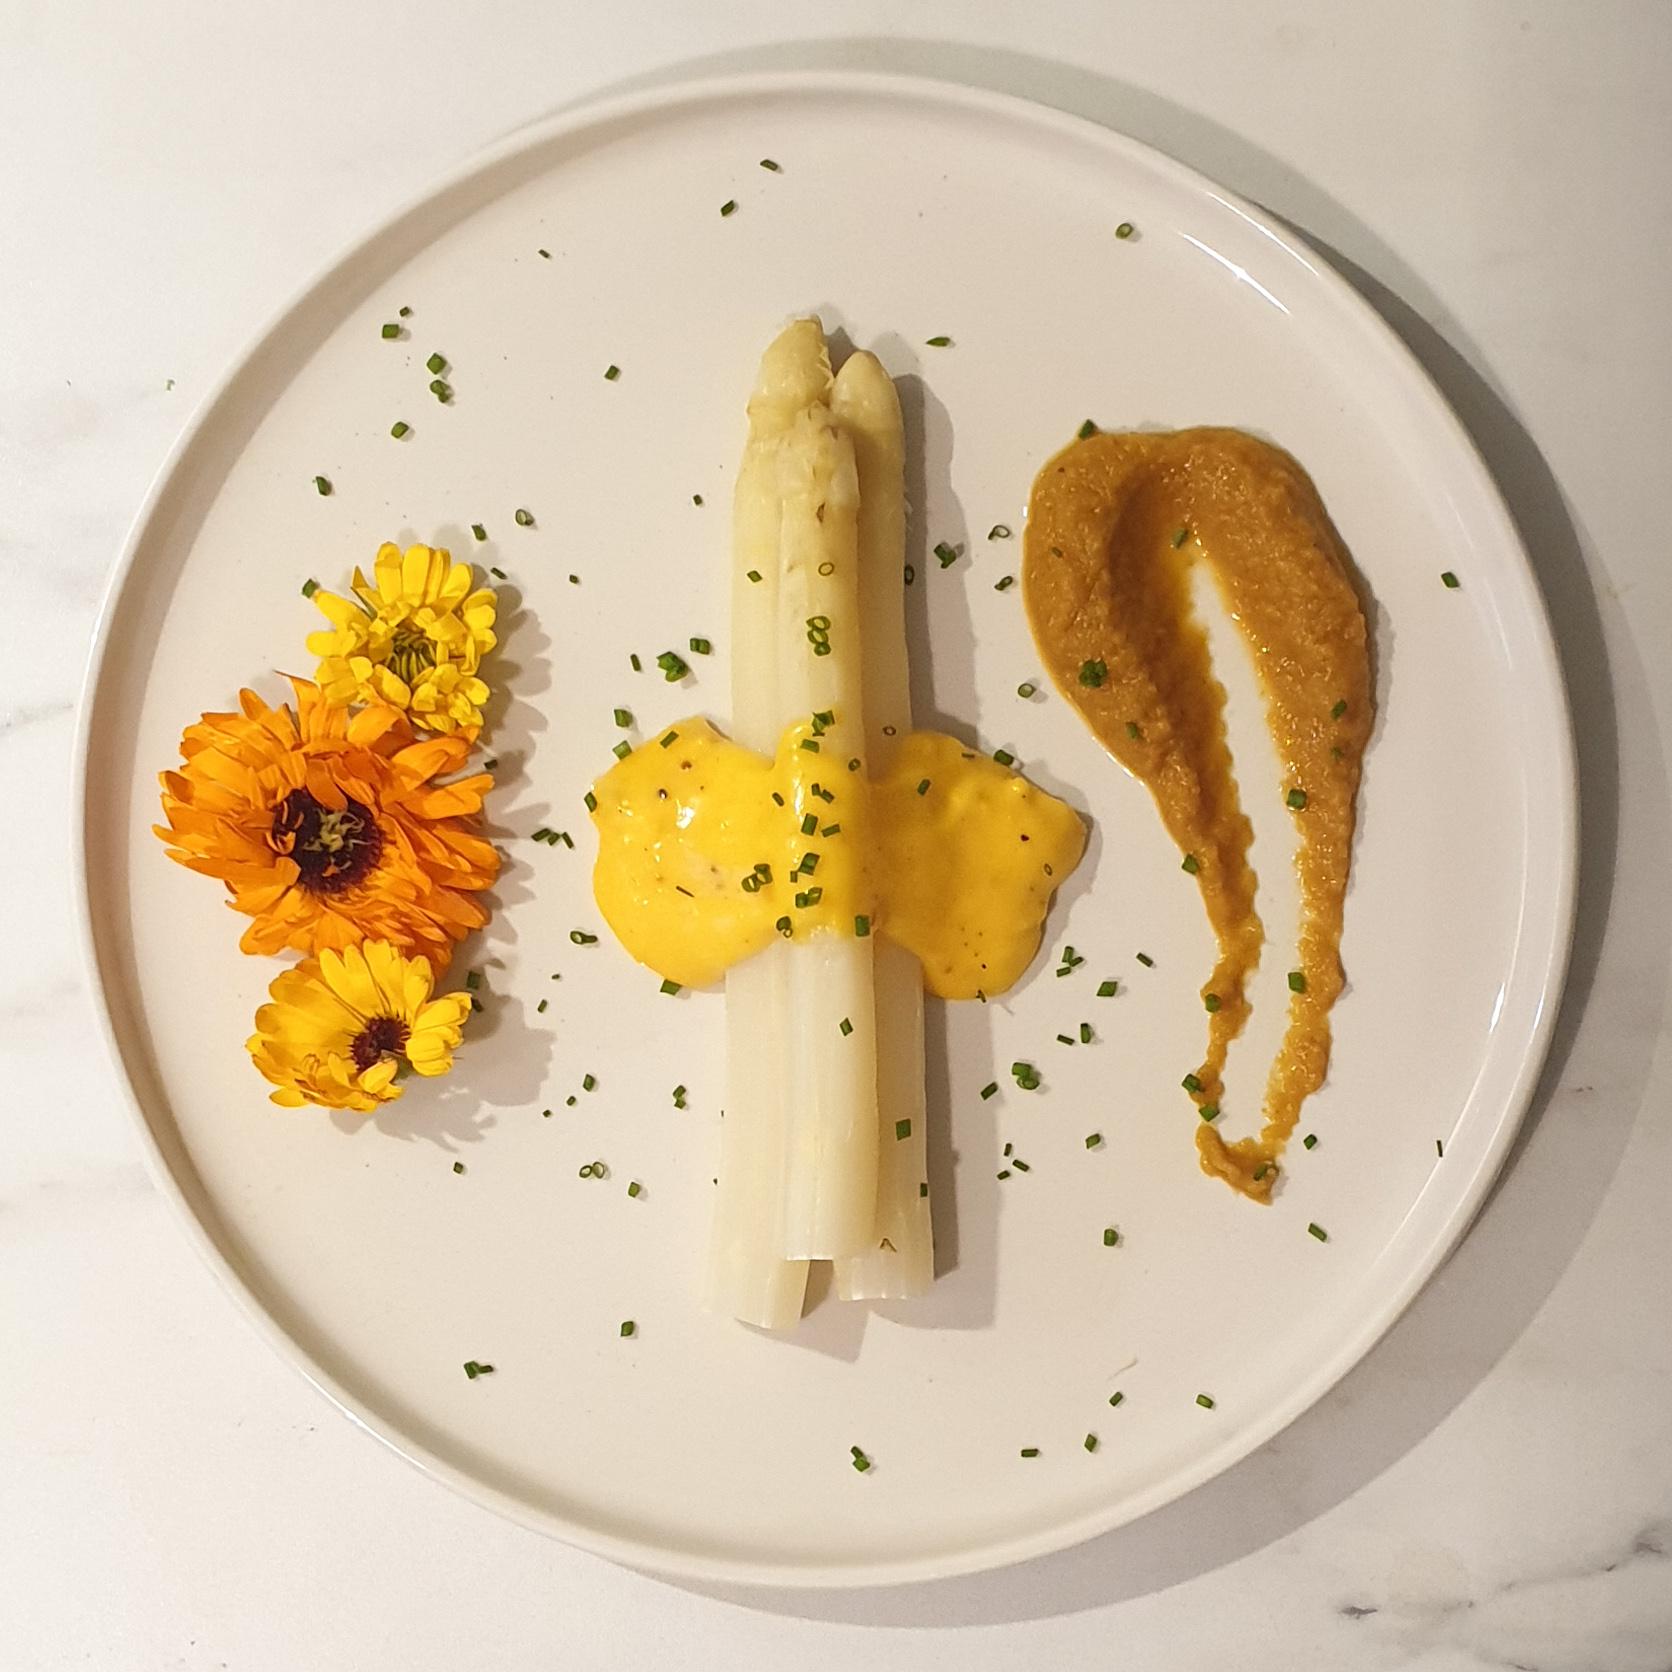 Asperges, sauce hollandaise et purée d'oignons au safran